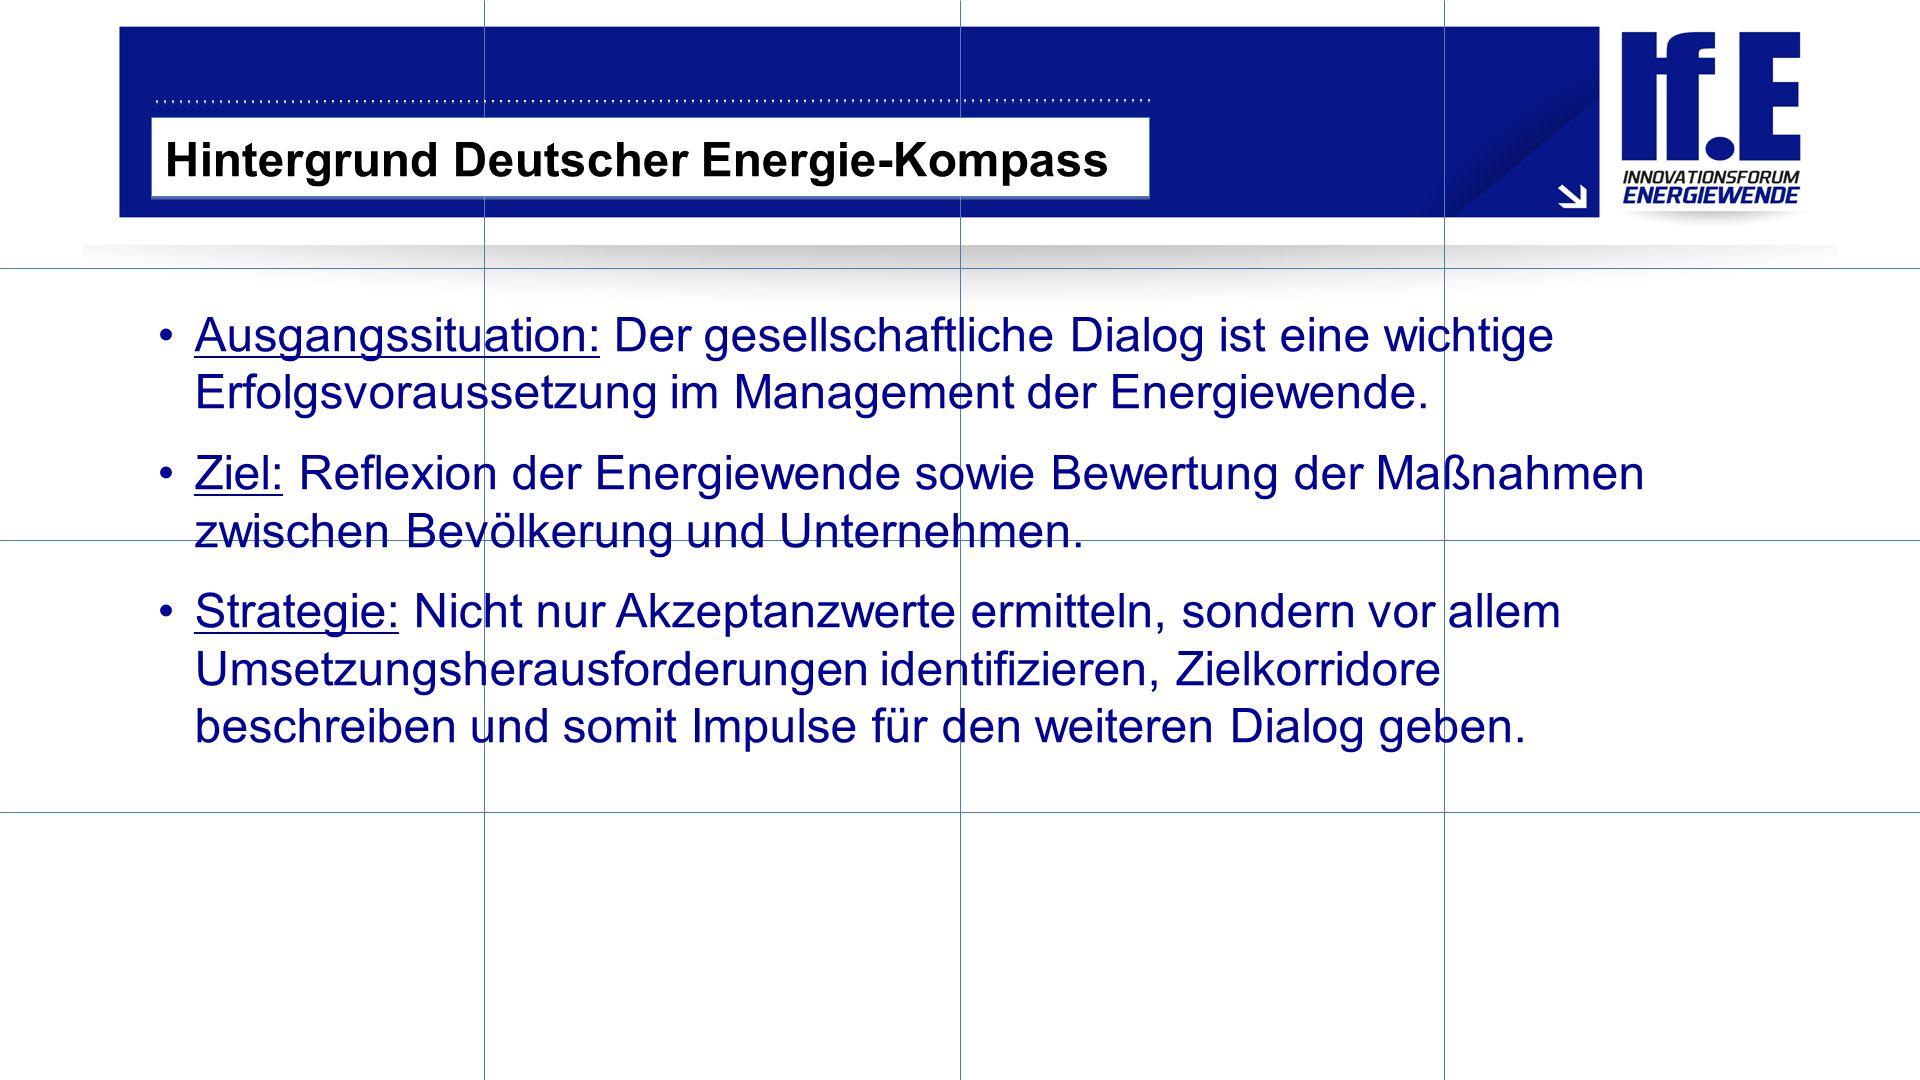 Hintergrund Deutscher Energie-Kompass